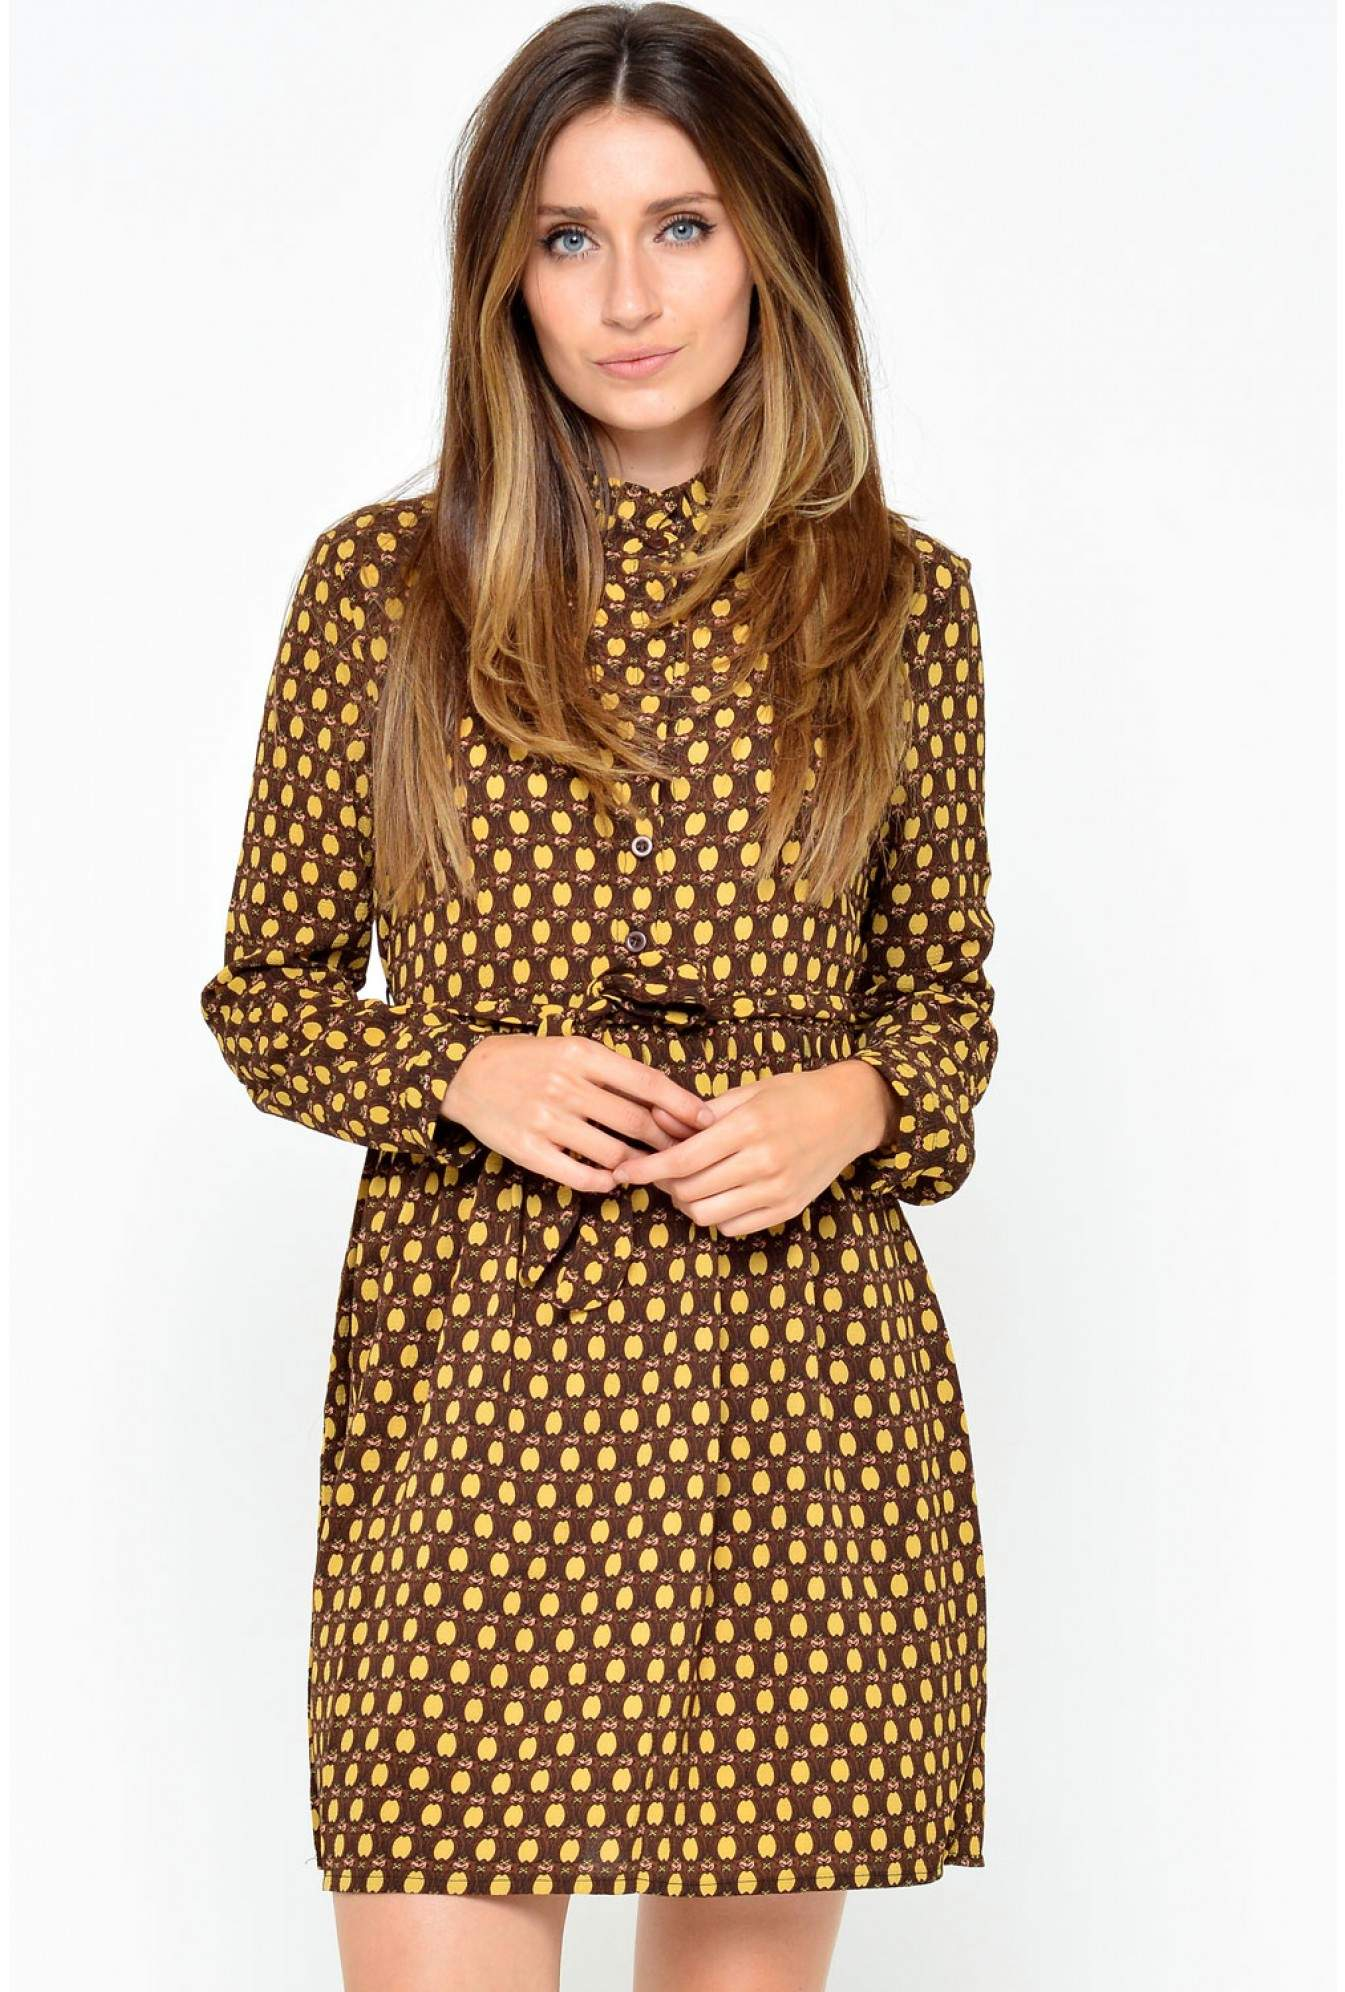 047cc41bb54 Ada Gatti Zara High Neck Printed Dress in Mustard